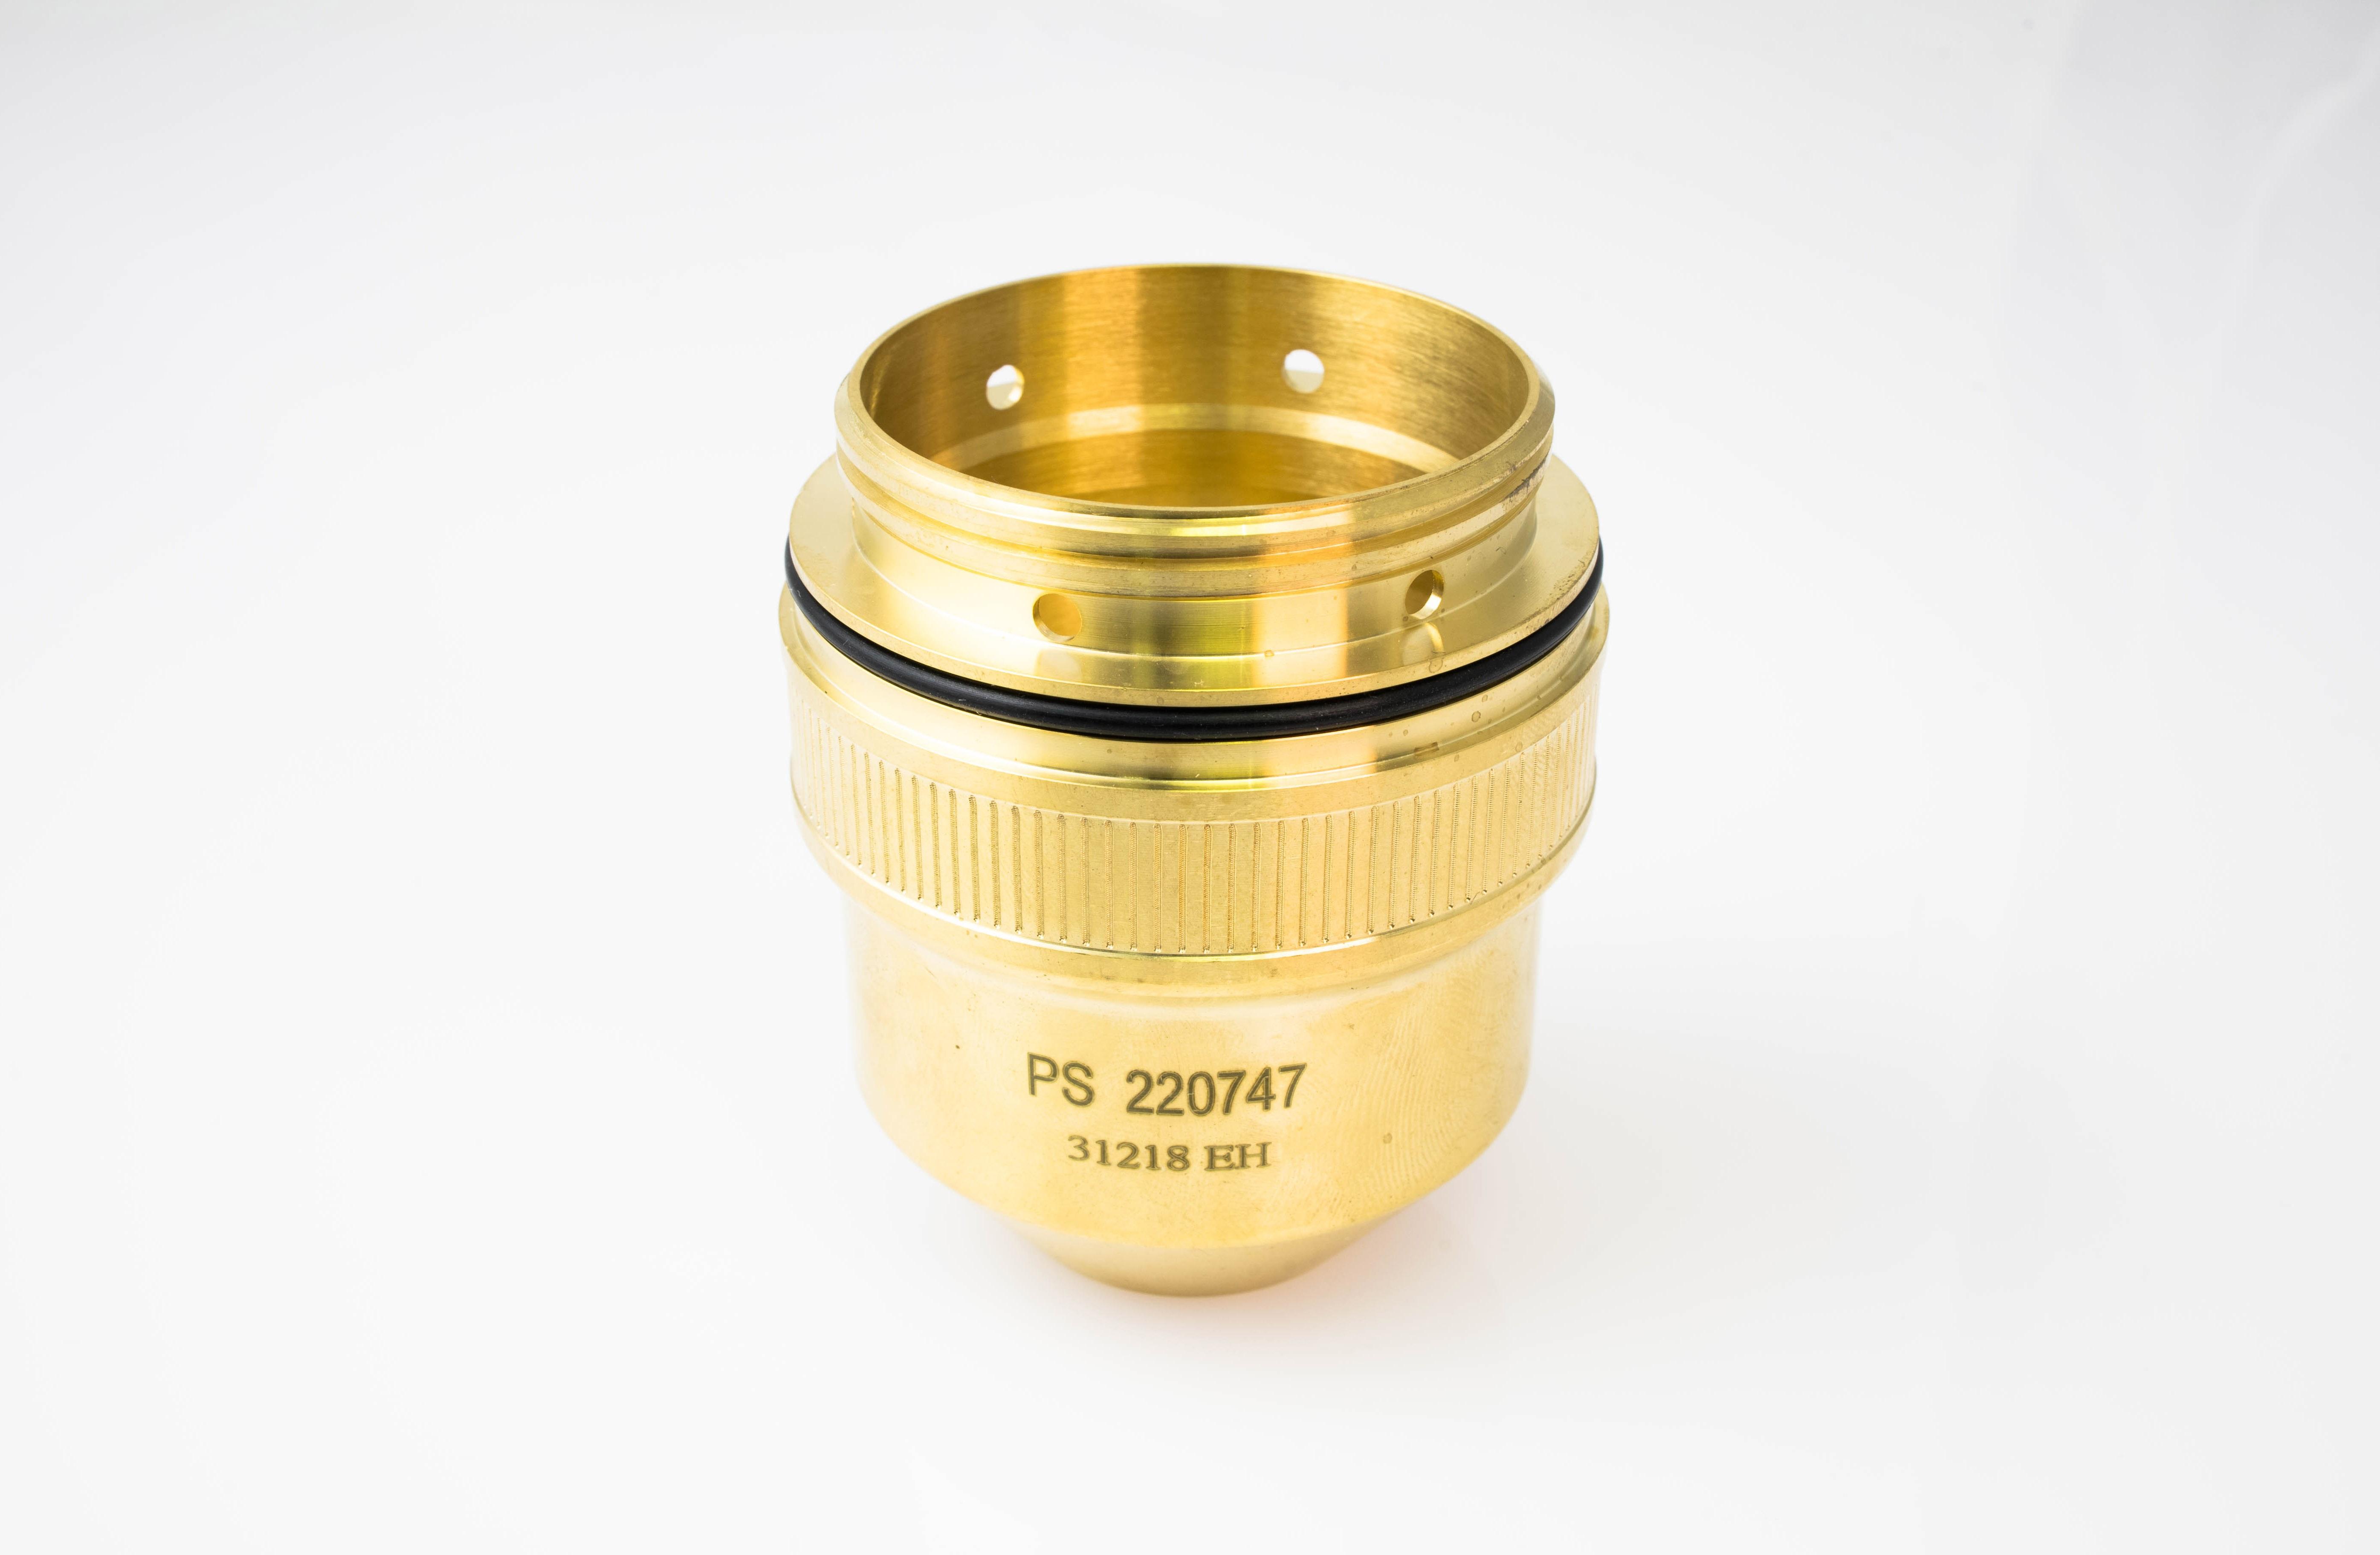 Shield Cap PS220747